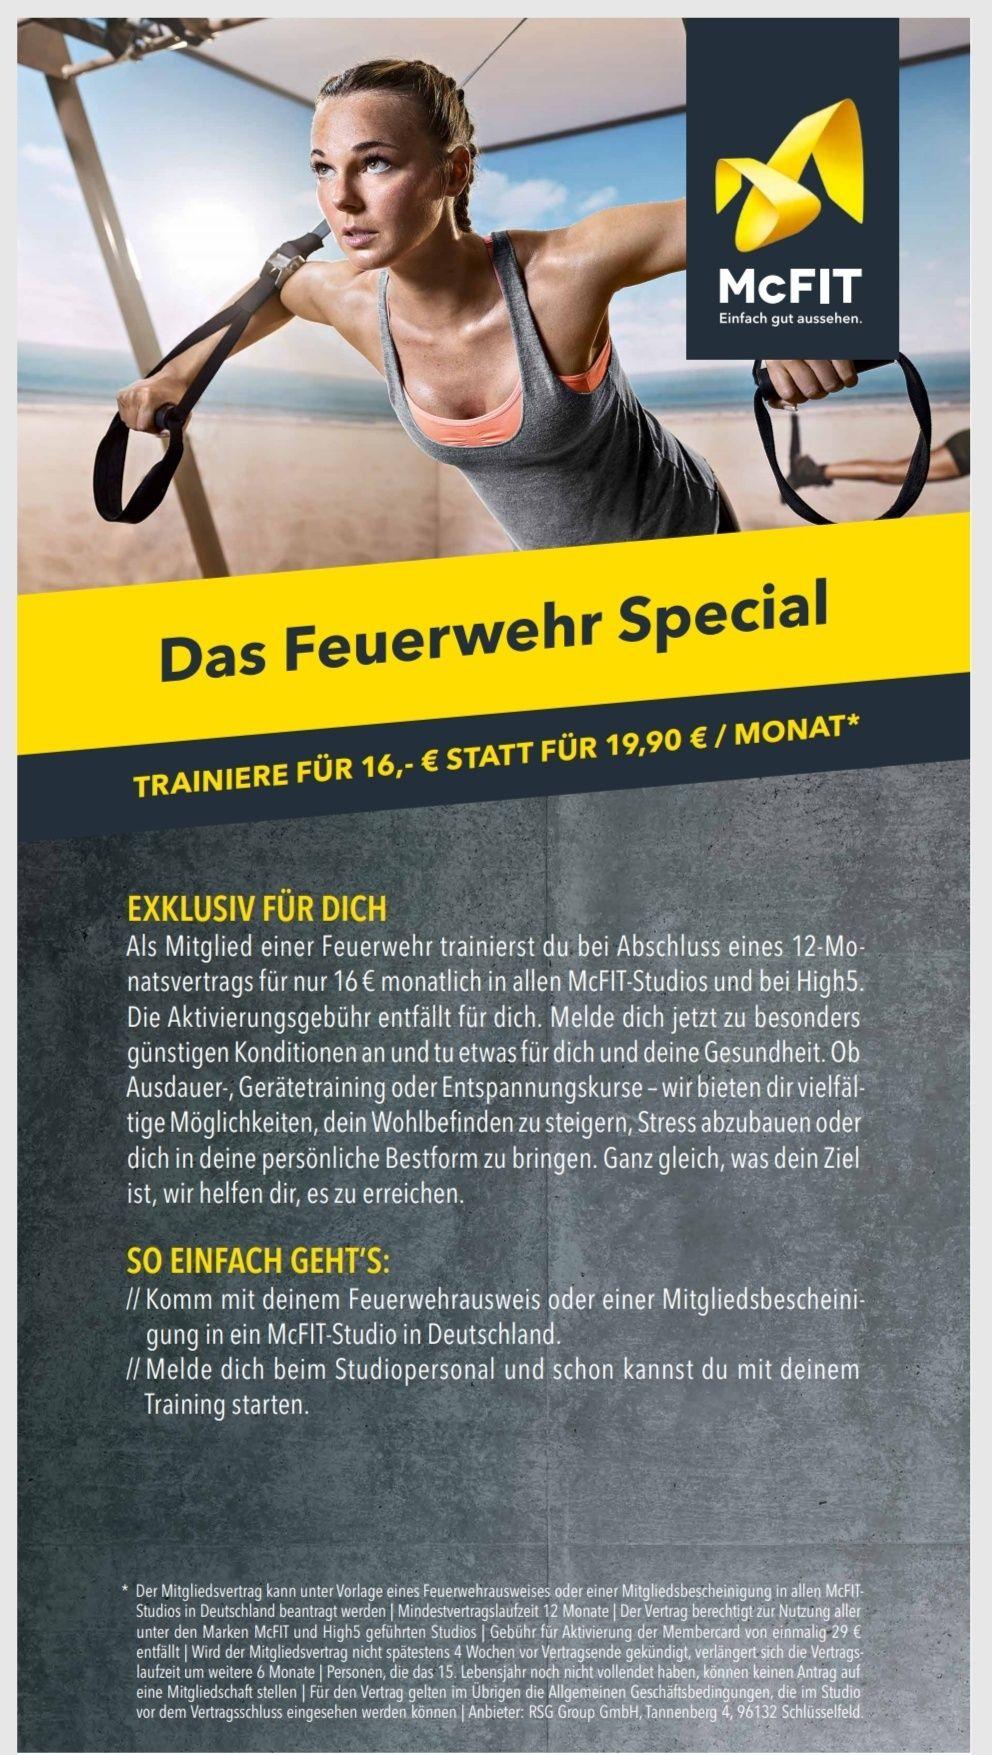 [FEUERWEHR]*deutschlandweit* McFit 16€ monatlich als Feuerwehrler